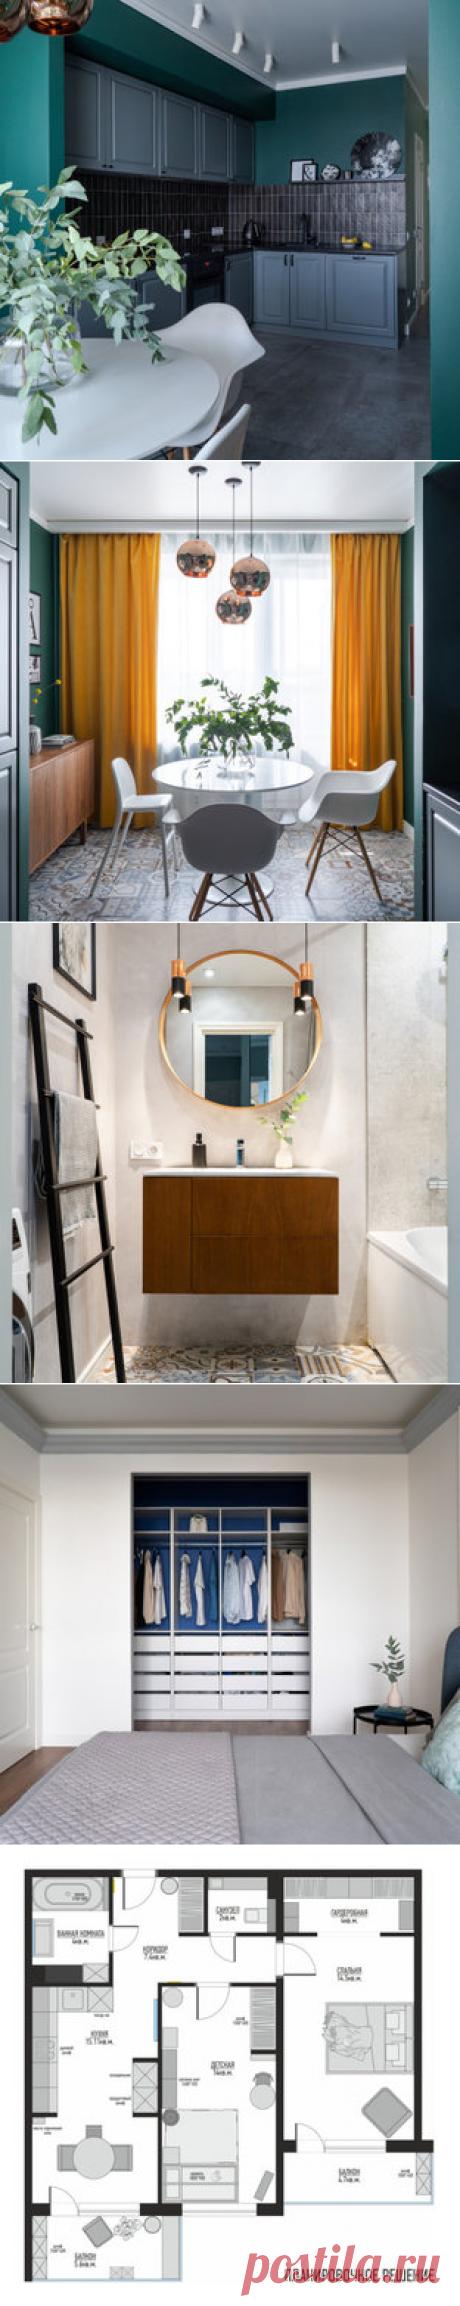 Дизайн-проект квартиры в ЖК Bonava - Санкт-Петербург - от эксперта YUHOME design  studio. - 4 комнаты - 80 м2 - кухня-гостиная - 2 спальни - балкон, лоджия